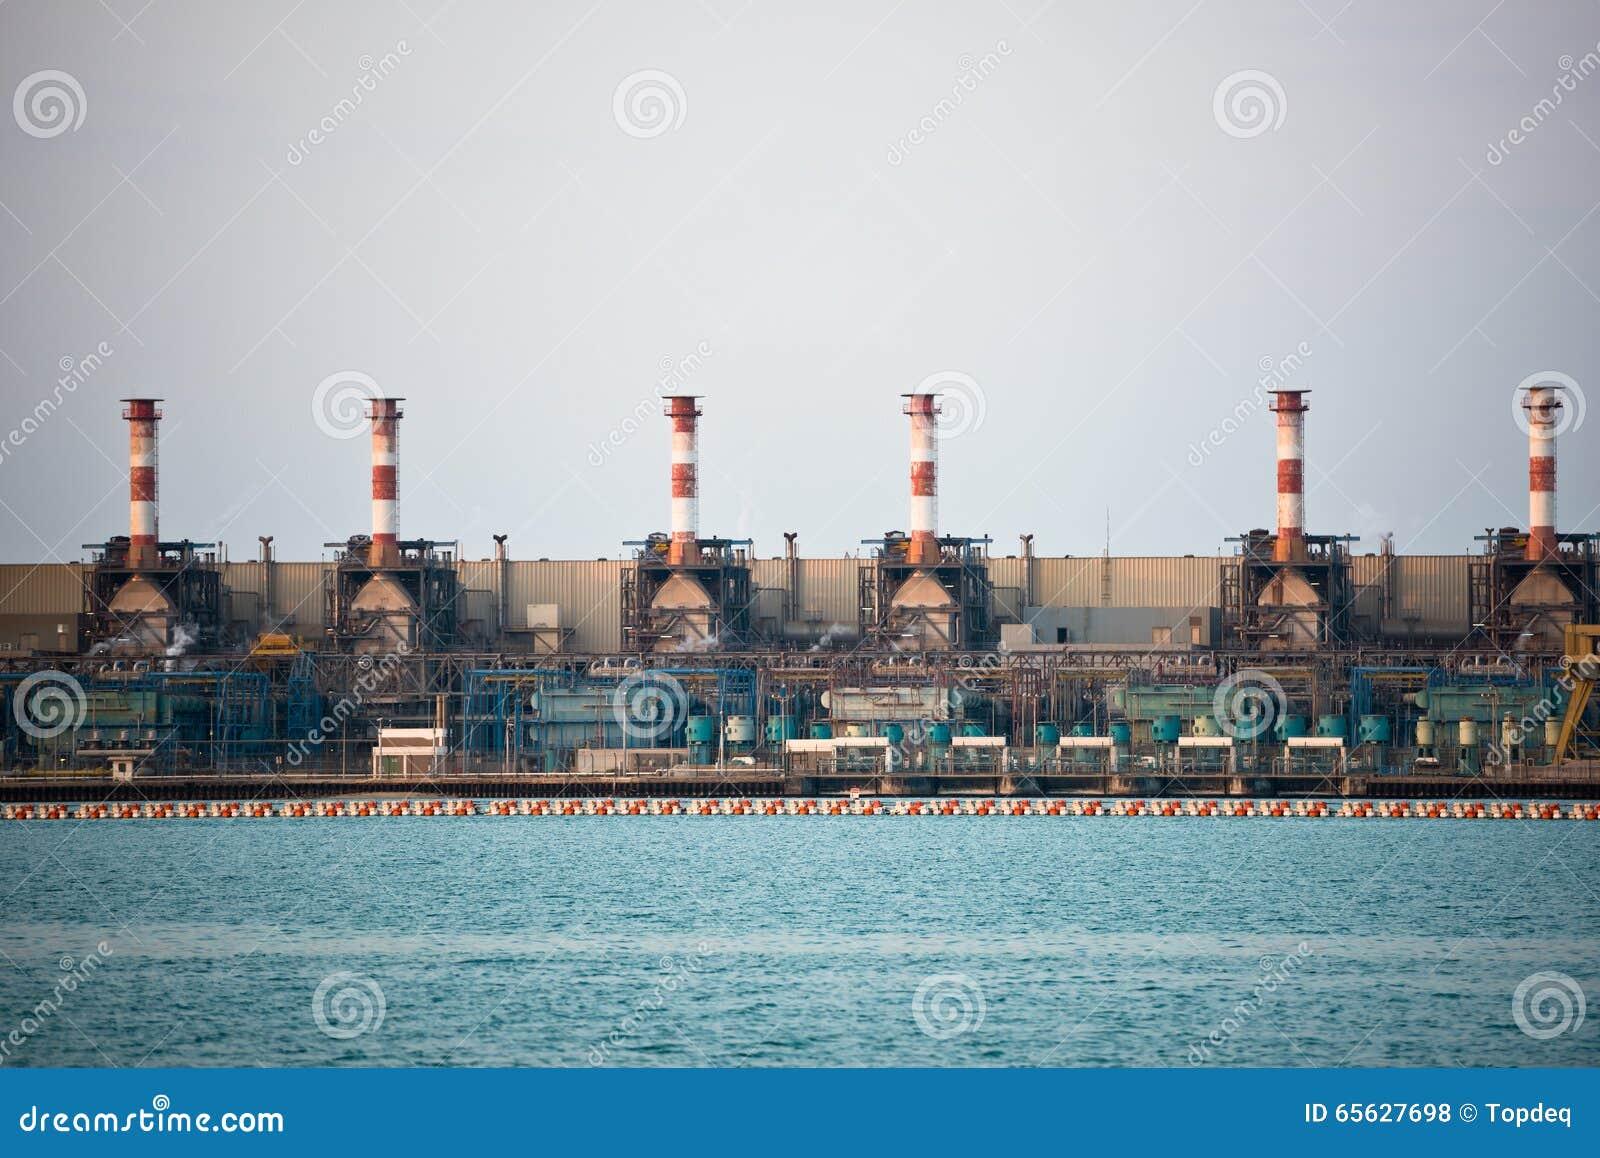 Vue de grand raffinerie de pétrole sur un fond de ciel